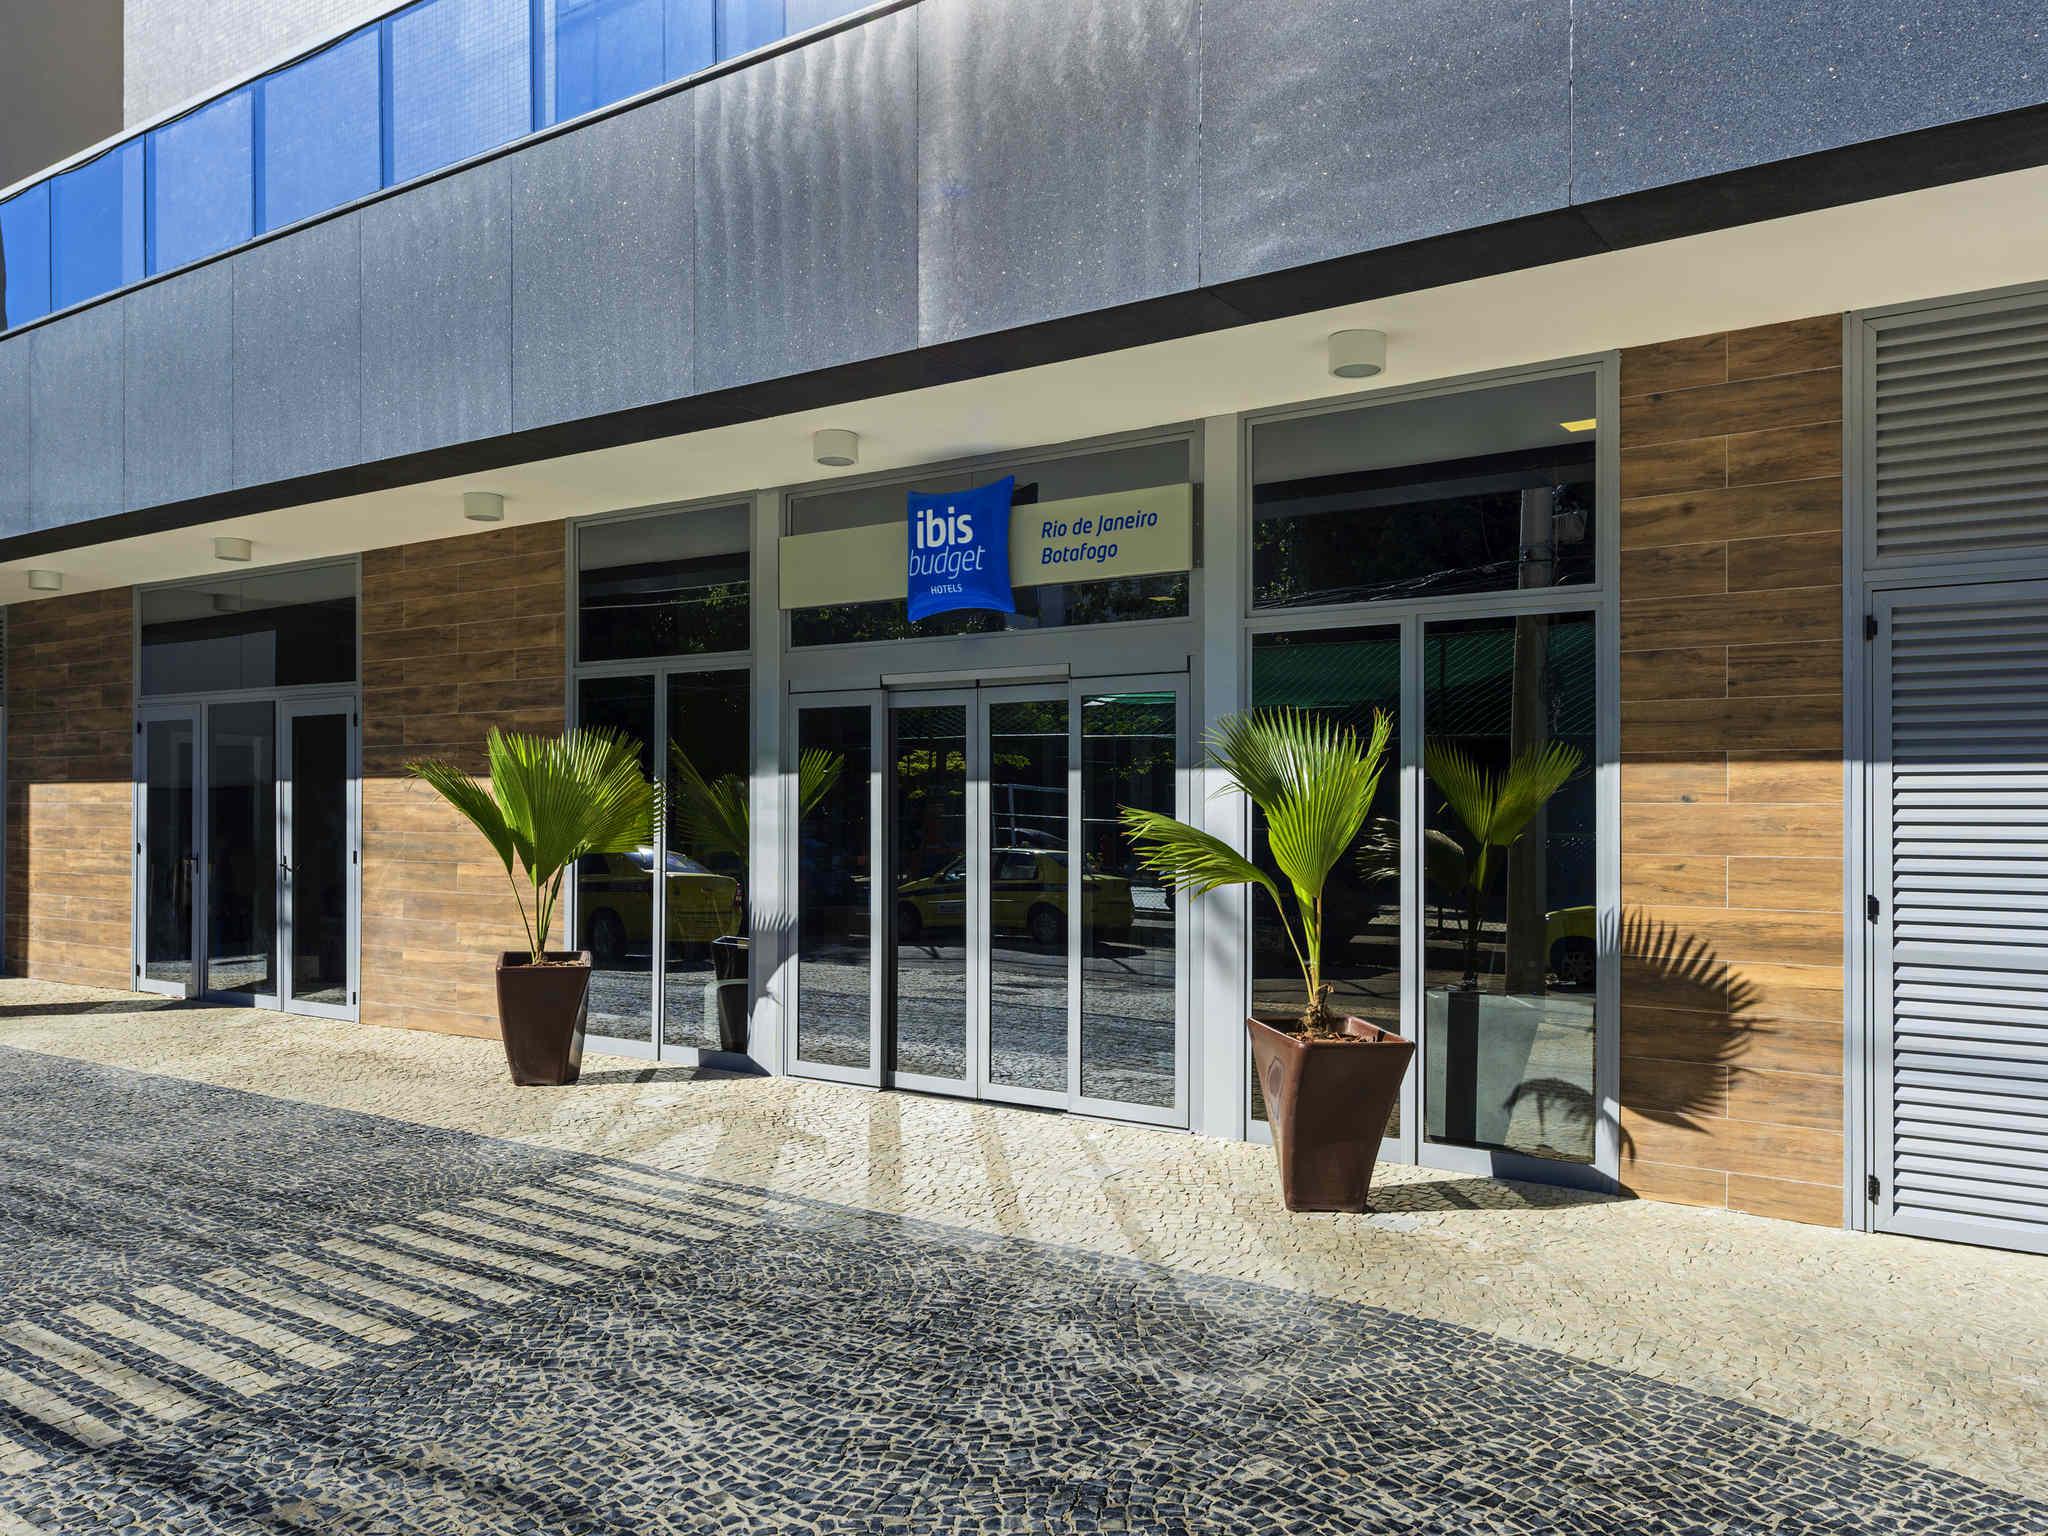 فندق - ibis budget RJ Botafogo